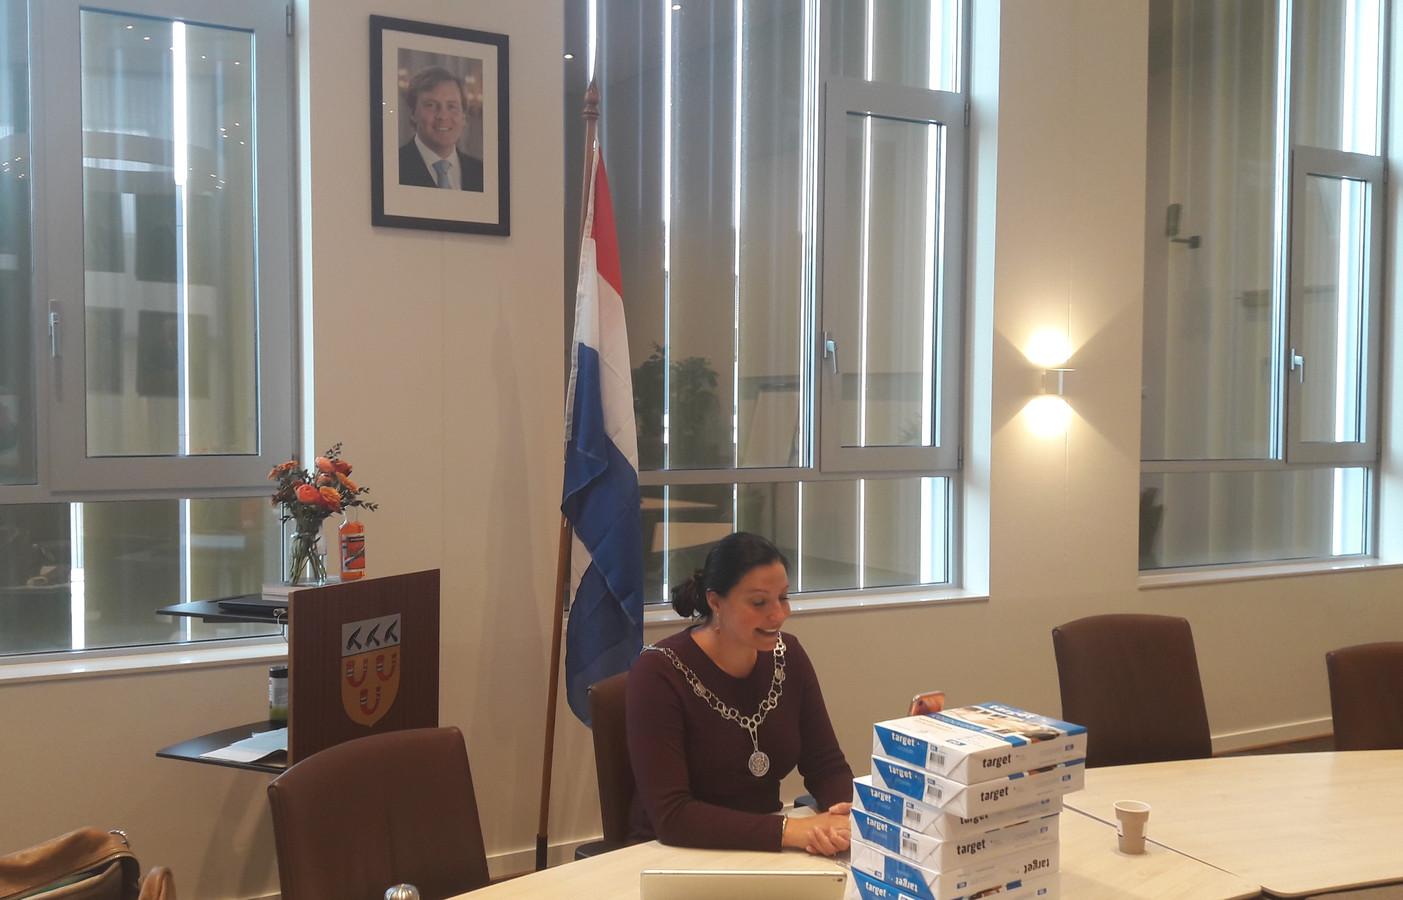 Burgemeester Hanne van Aart belt vanuit de raadzaal de zes inwoners met het heuglijke nieuws dat aan hen een koninklijke onderscheiding is toegekend.